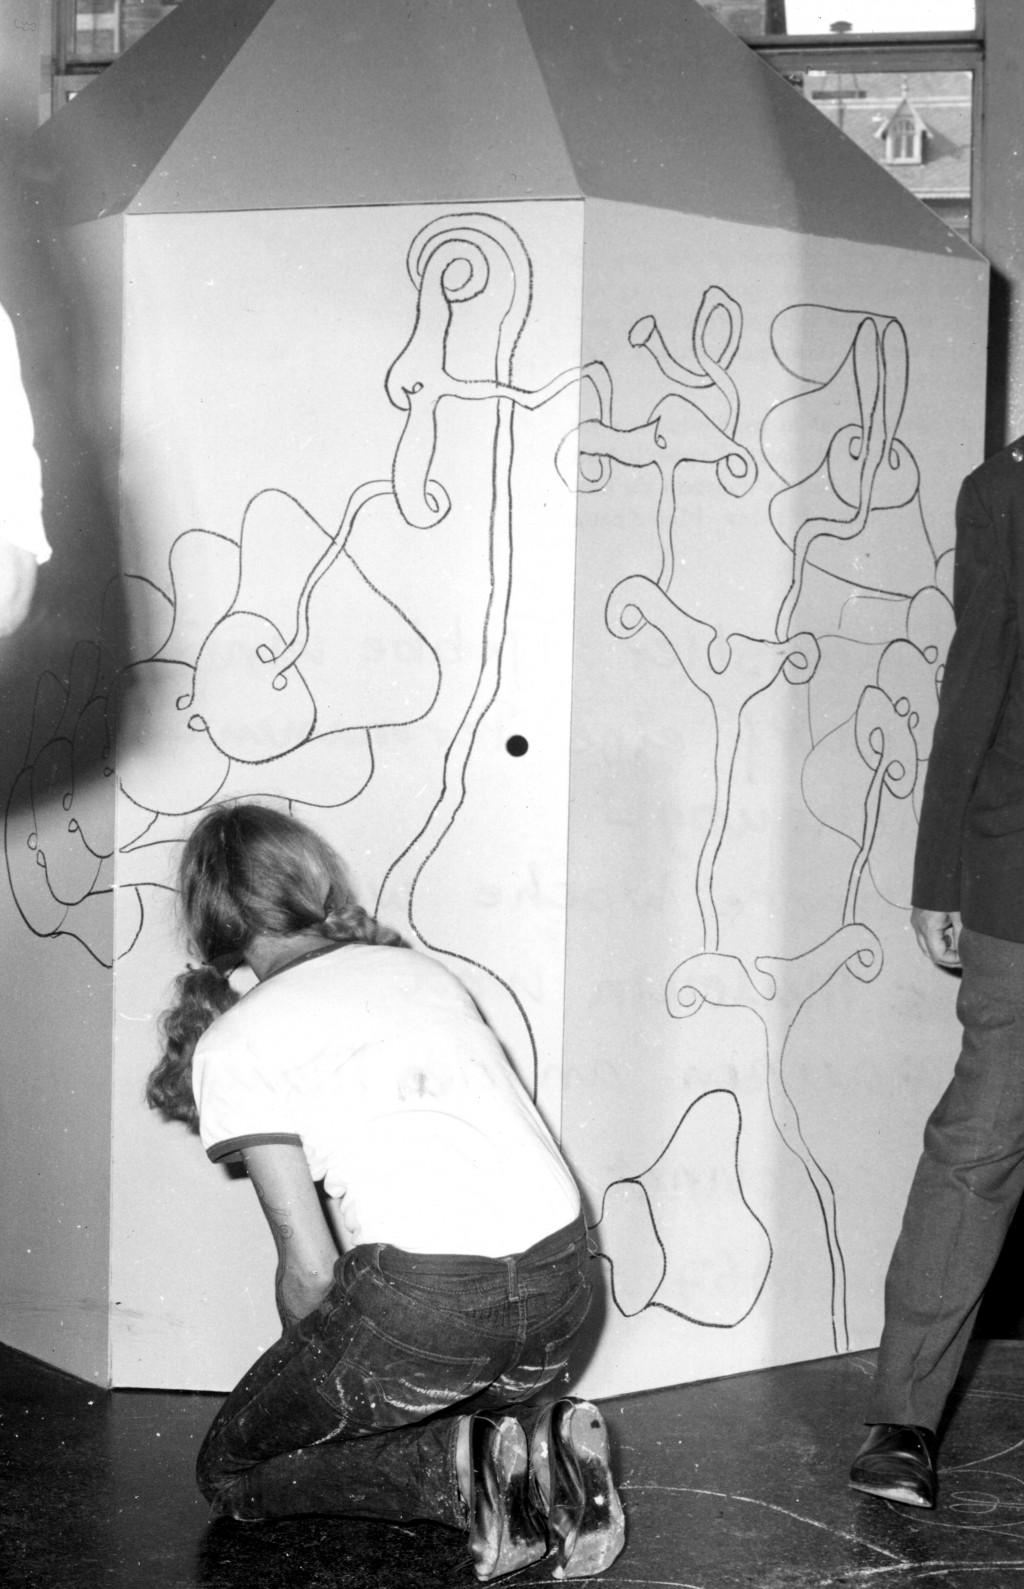 Tjebbe van Tijen, Continuous Drawing, 1967. Photo: Stedelijk Museum Amsterdam